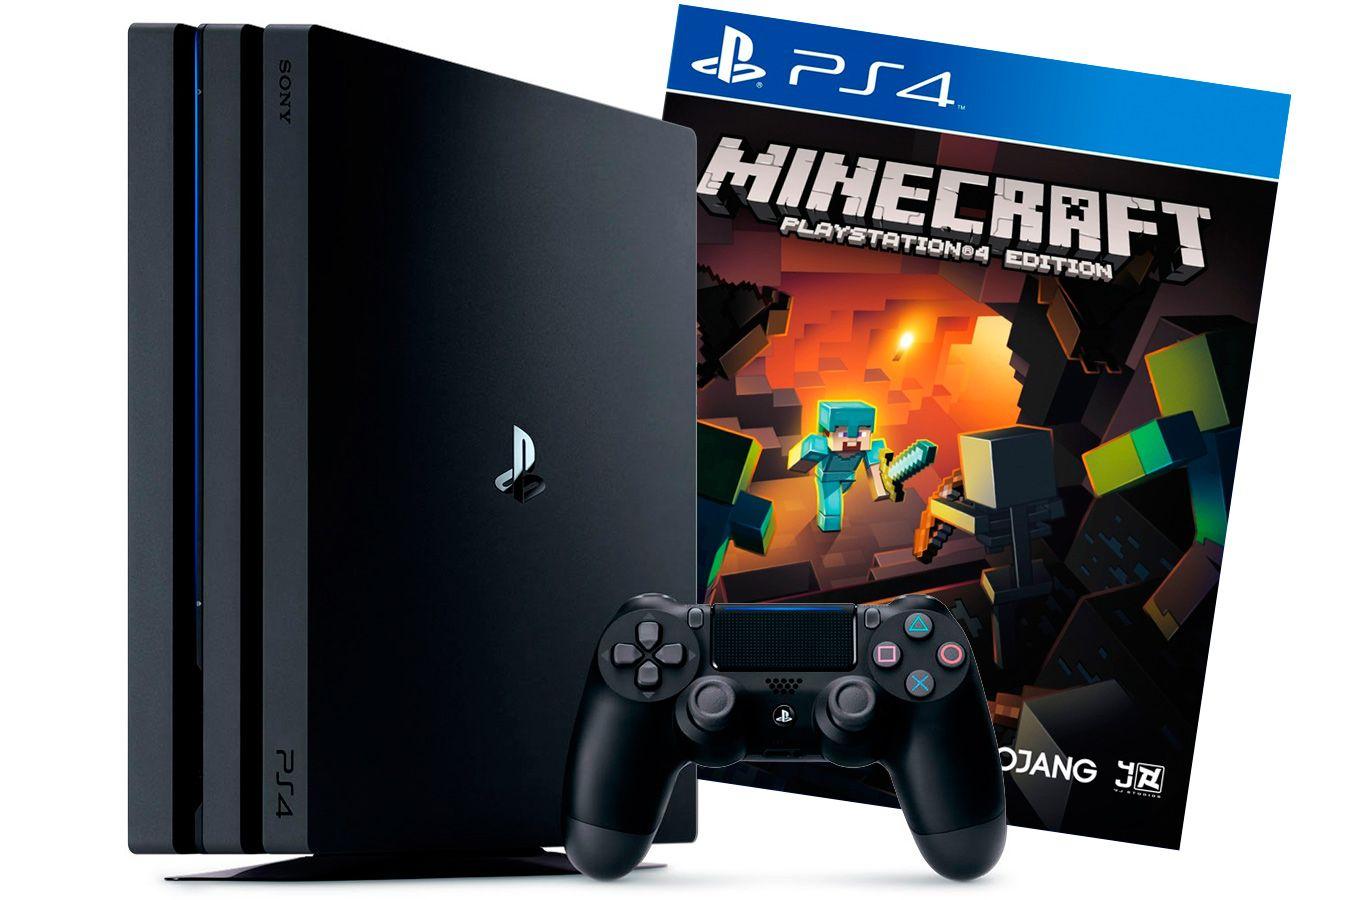 PlayStation 4 Pro игровая приставка с игрой Minecraft [PS4P1MK]